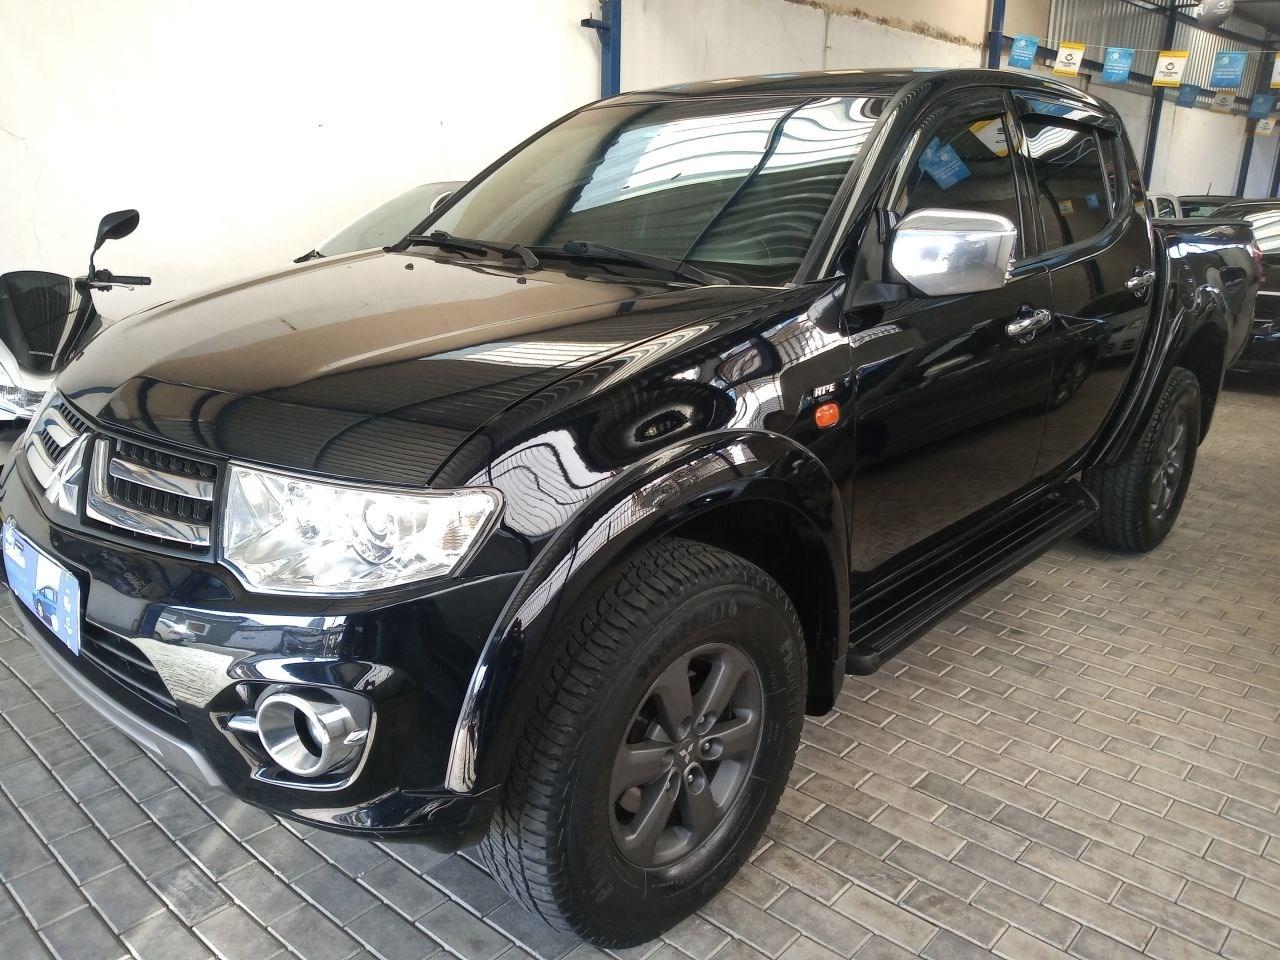 //www.autoline.com.br/carro/mitsubishi/l200-triton-32-16v-diesel-4p-4x4-turbo-automatico/2011/salto-sp/14740948